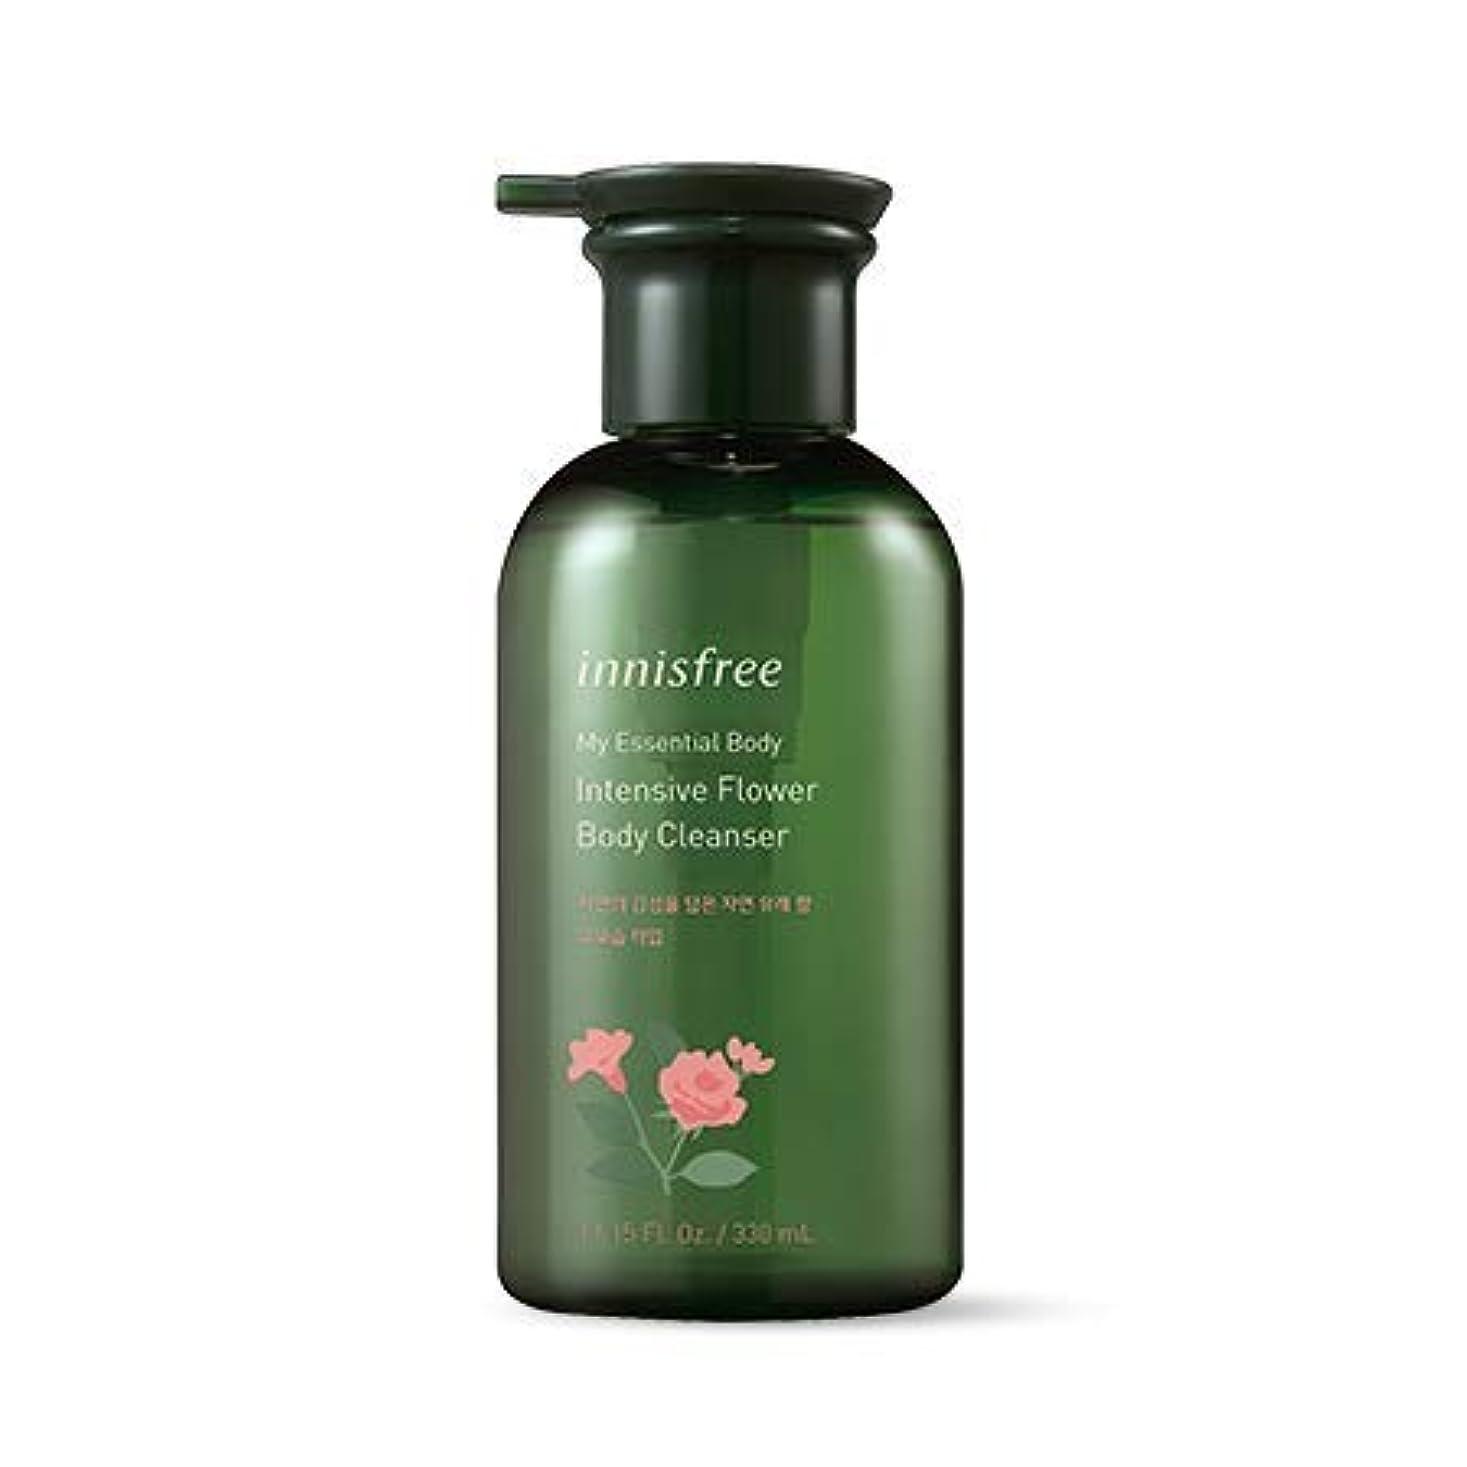 [イニスフリー.innisfree]マイエッセンシャルボディインテンシブフラワーボディクレンザー330mL)2019 new)/ My Essential Body Intensive Flower Body Cleanser